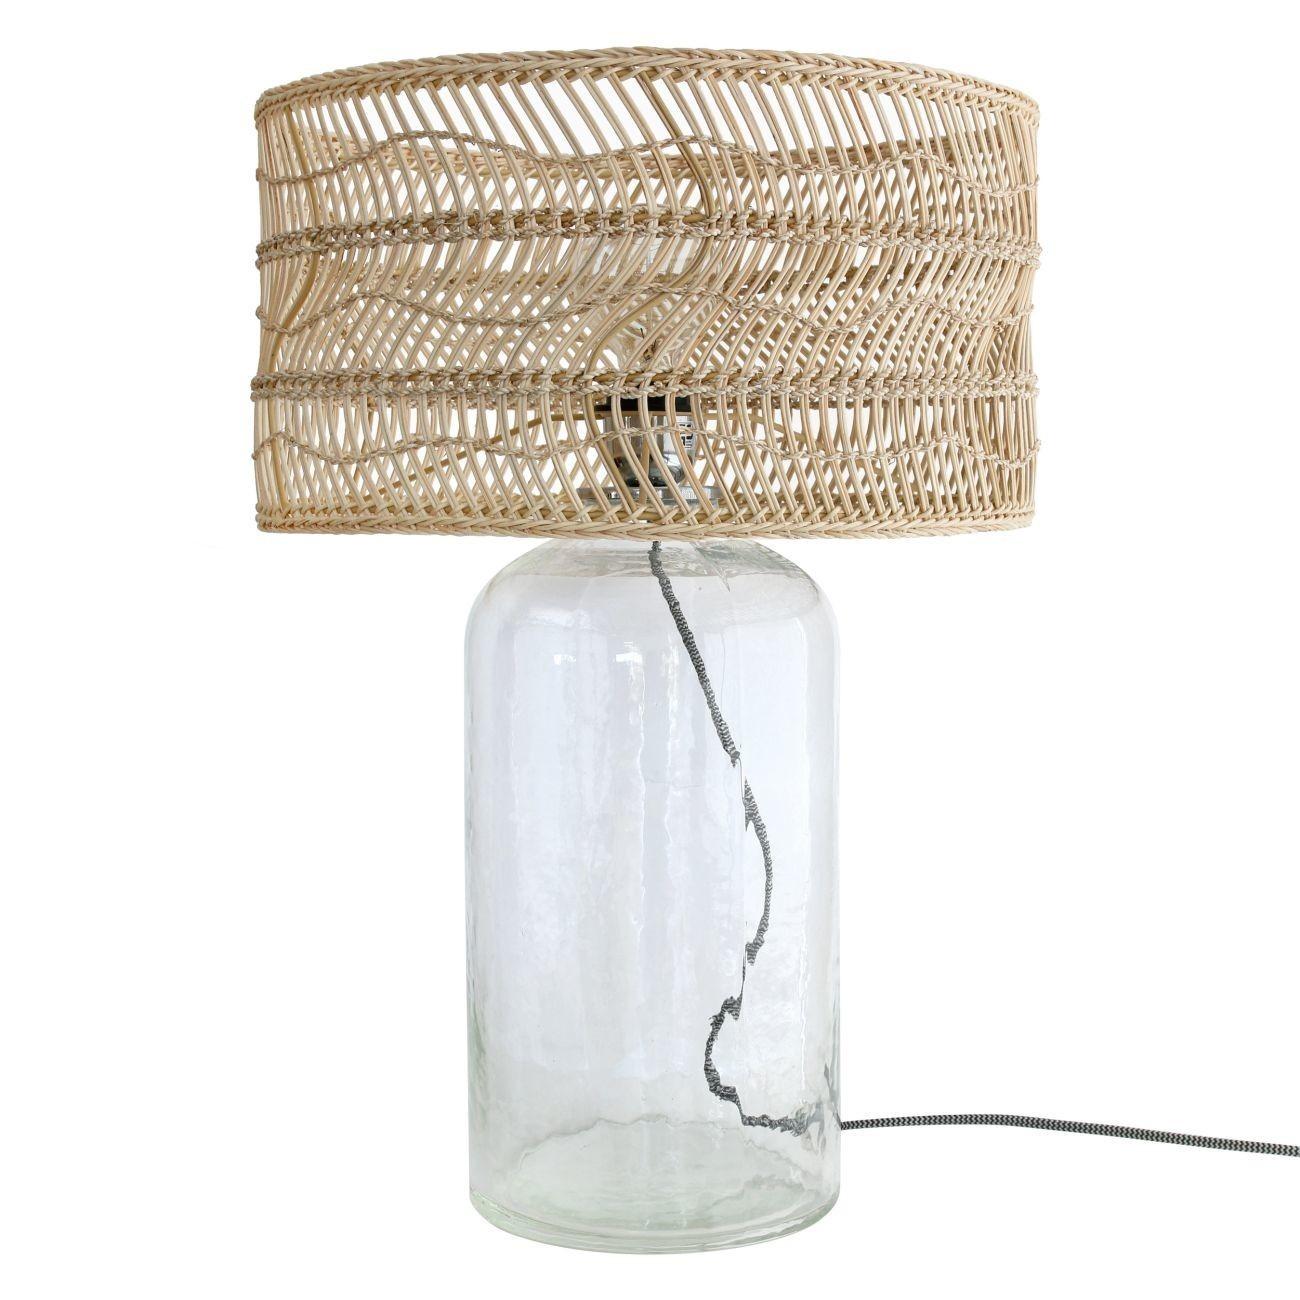 HK living Wicker bottle lamp Tischlampe